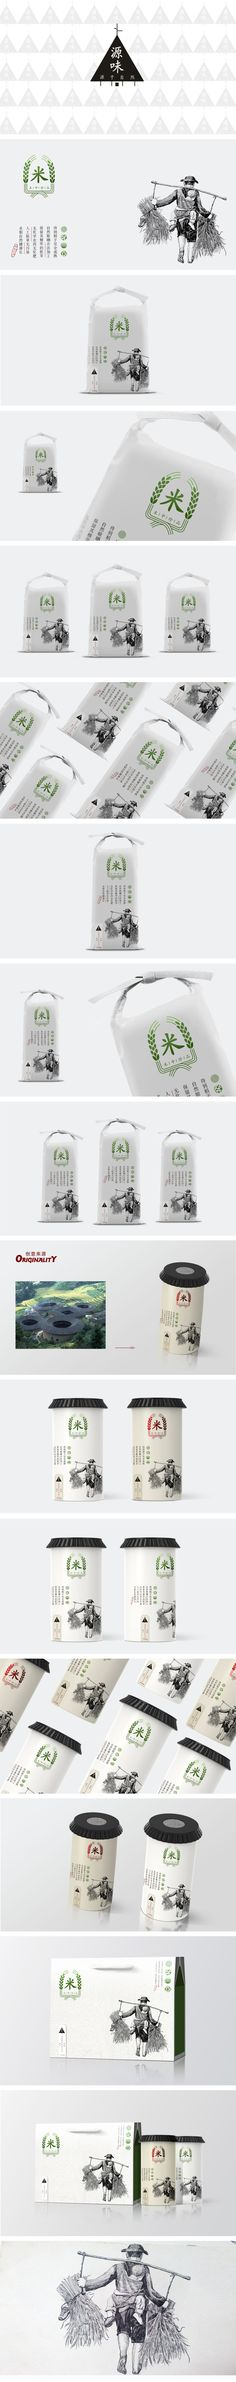 源味-大米包装设计 Rice harvesting story on packaging PD Rice Packaging, Beverage Packaging, Brand Packaging, Label Design, Branding Design, Logo Design, Package Design, Japanese Graphic Design, Japan Design